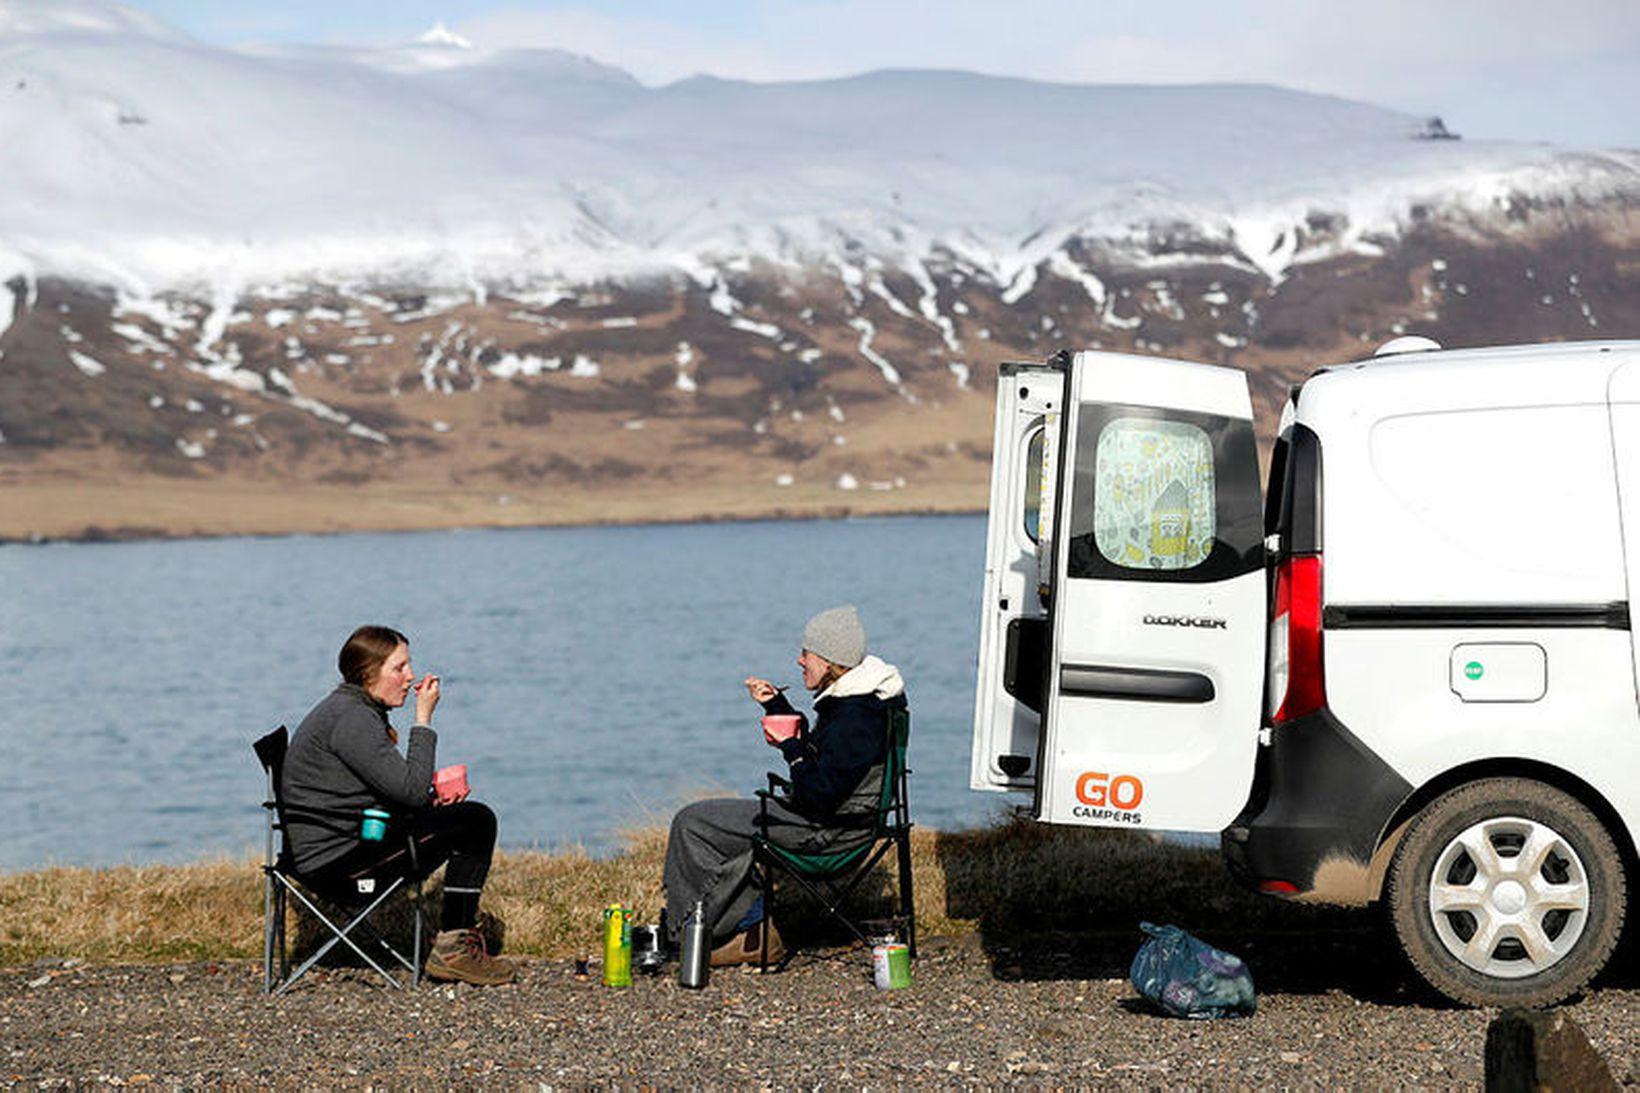 Ferðamenn njóta sín við Hafnarhólma í Borgarfirði eystra. Bílaleigubílum í …